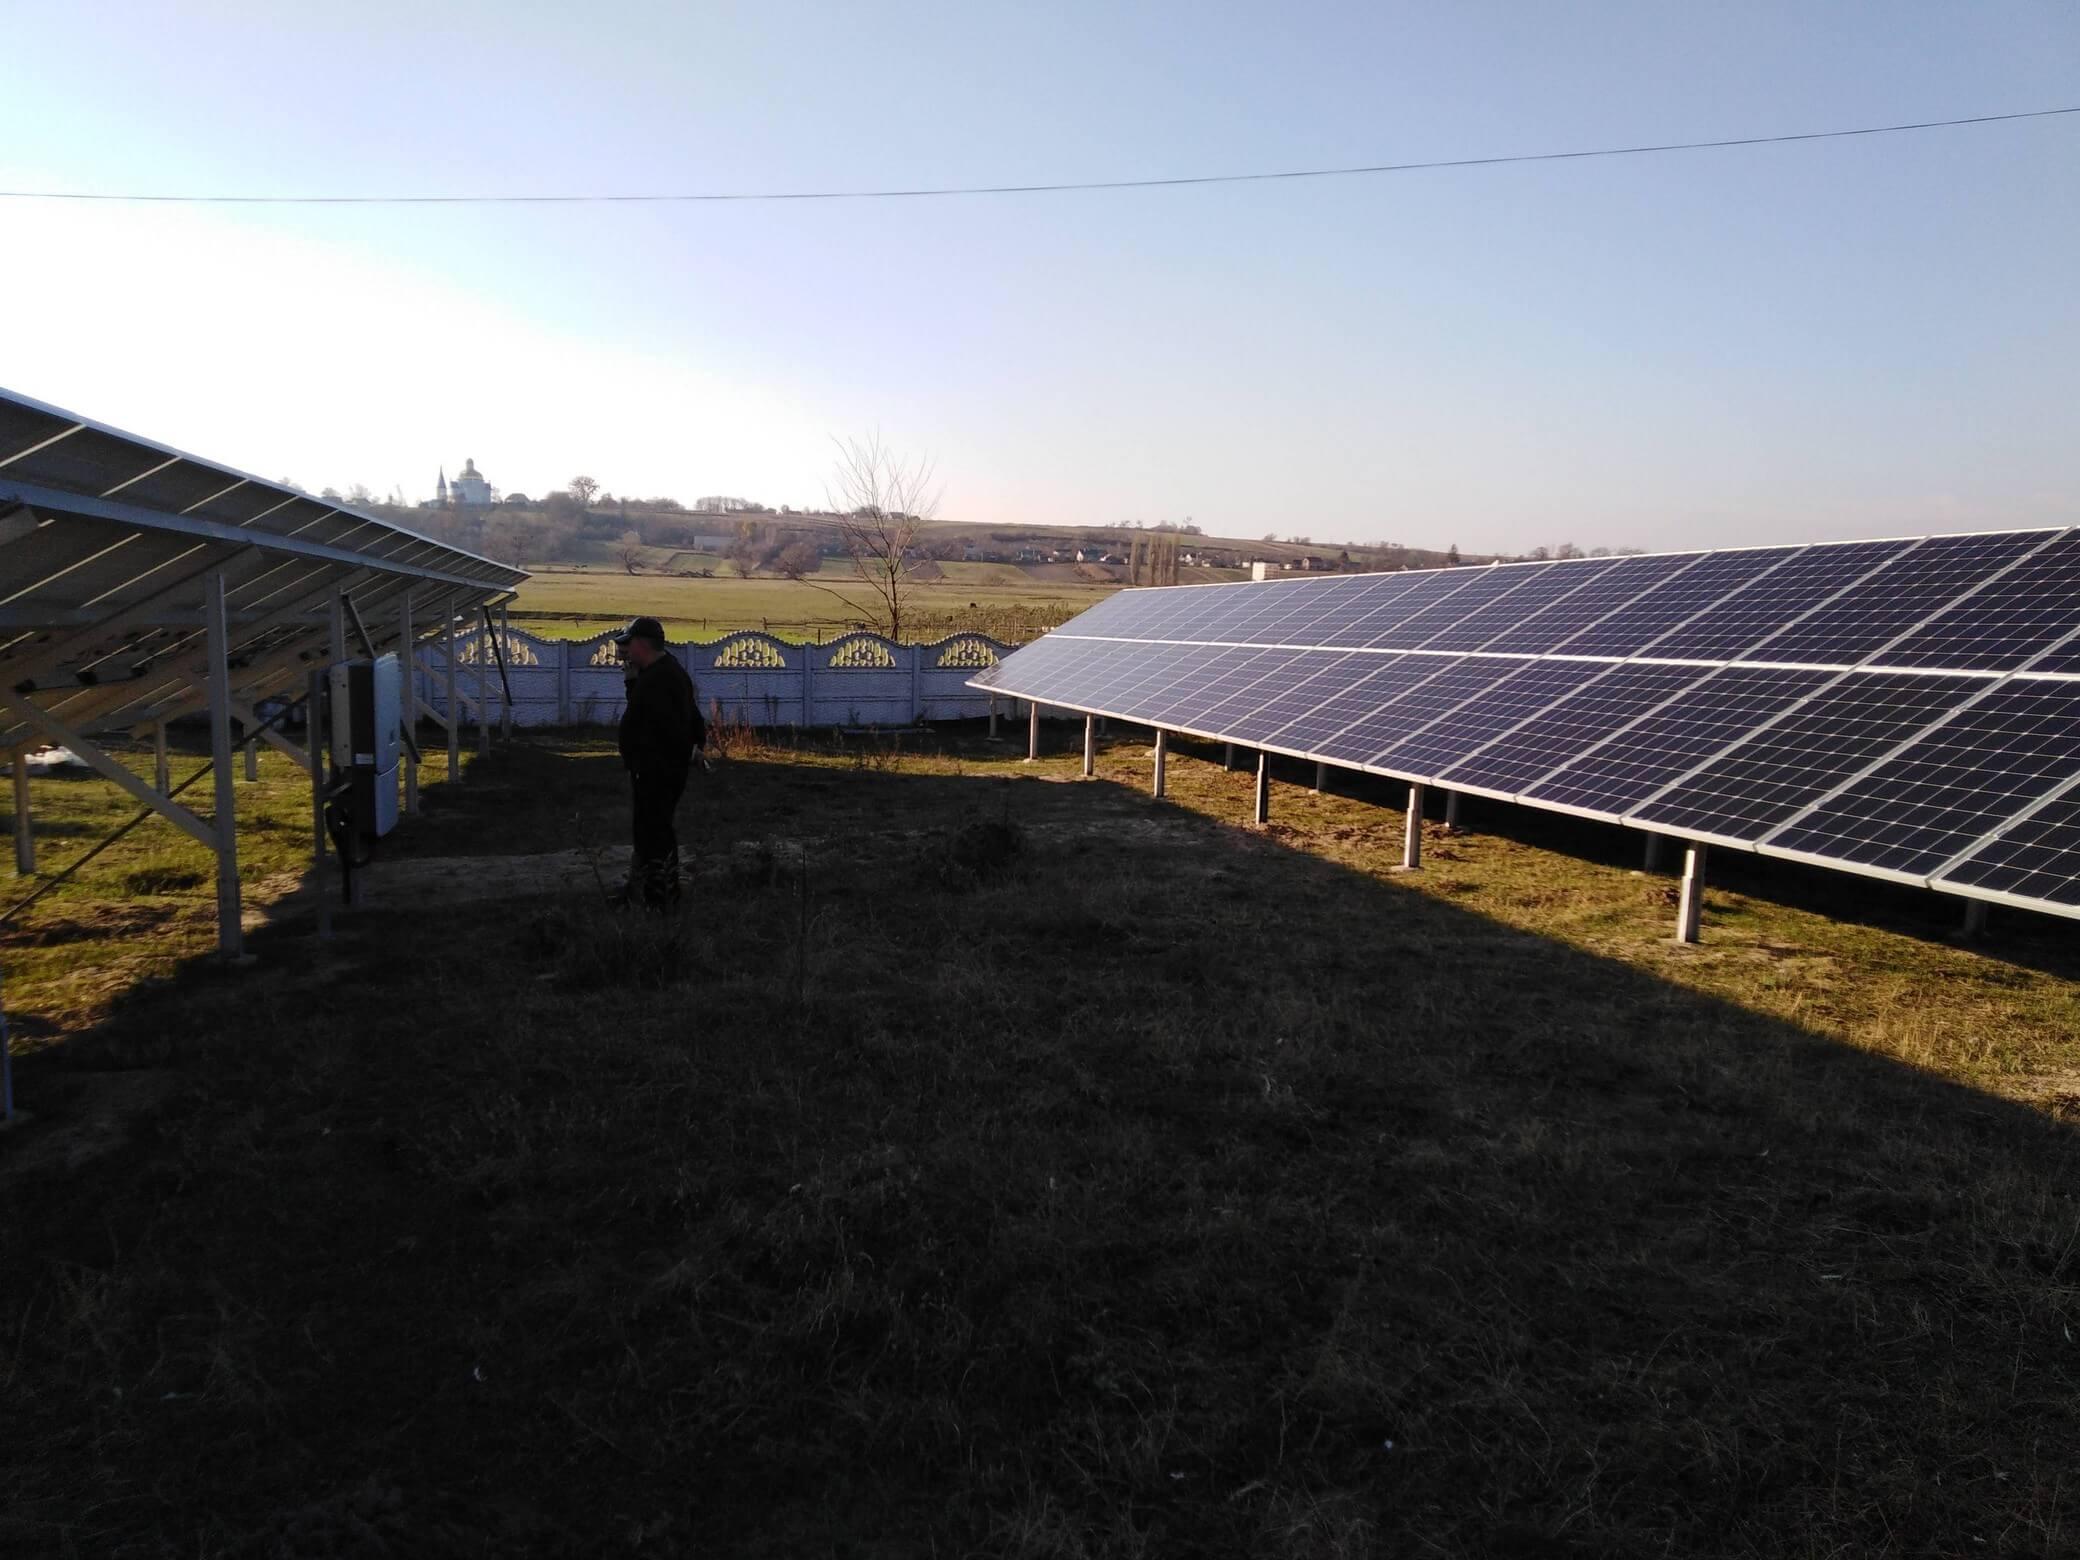 Сонячна електростанція 30 кВт, с.Микулин, Гощанський район, Рівненська область